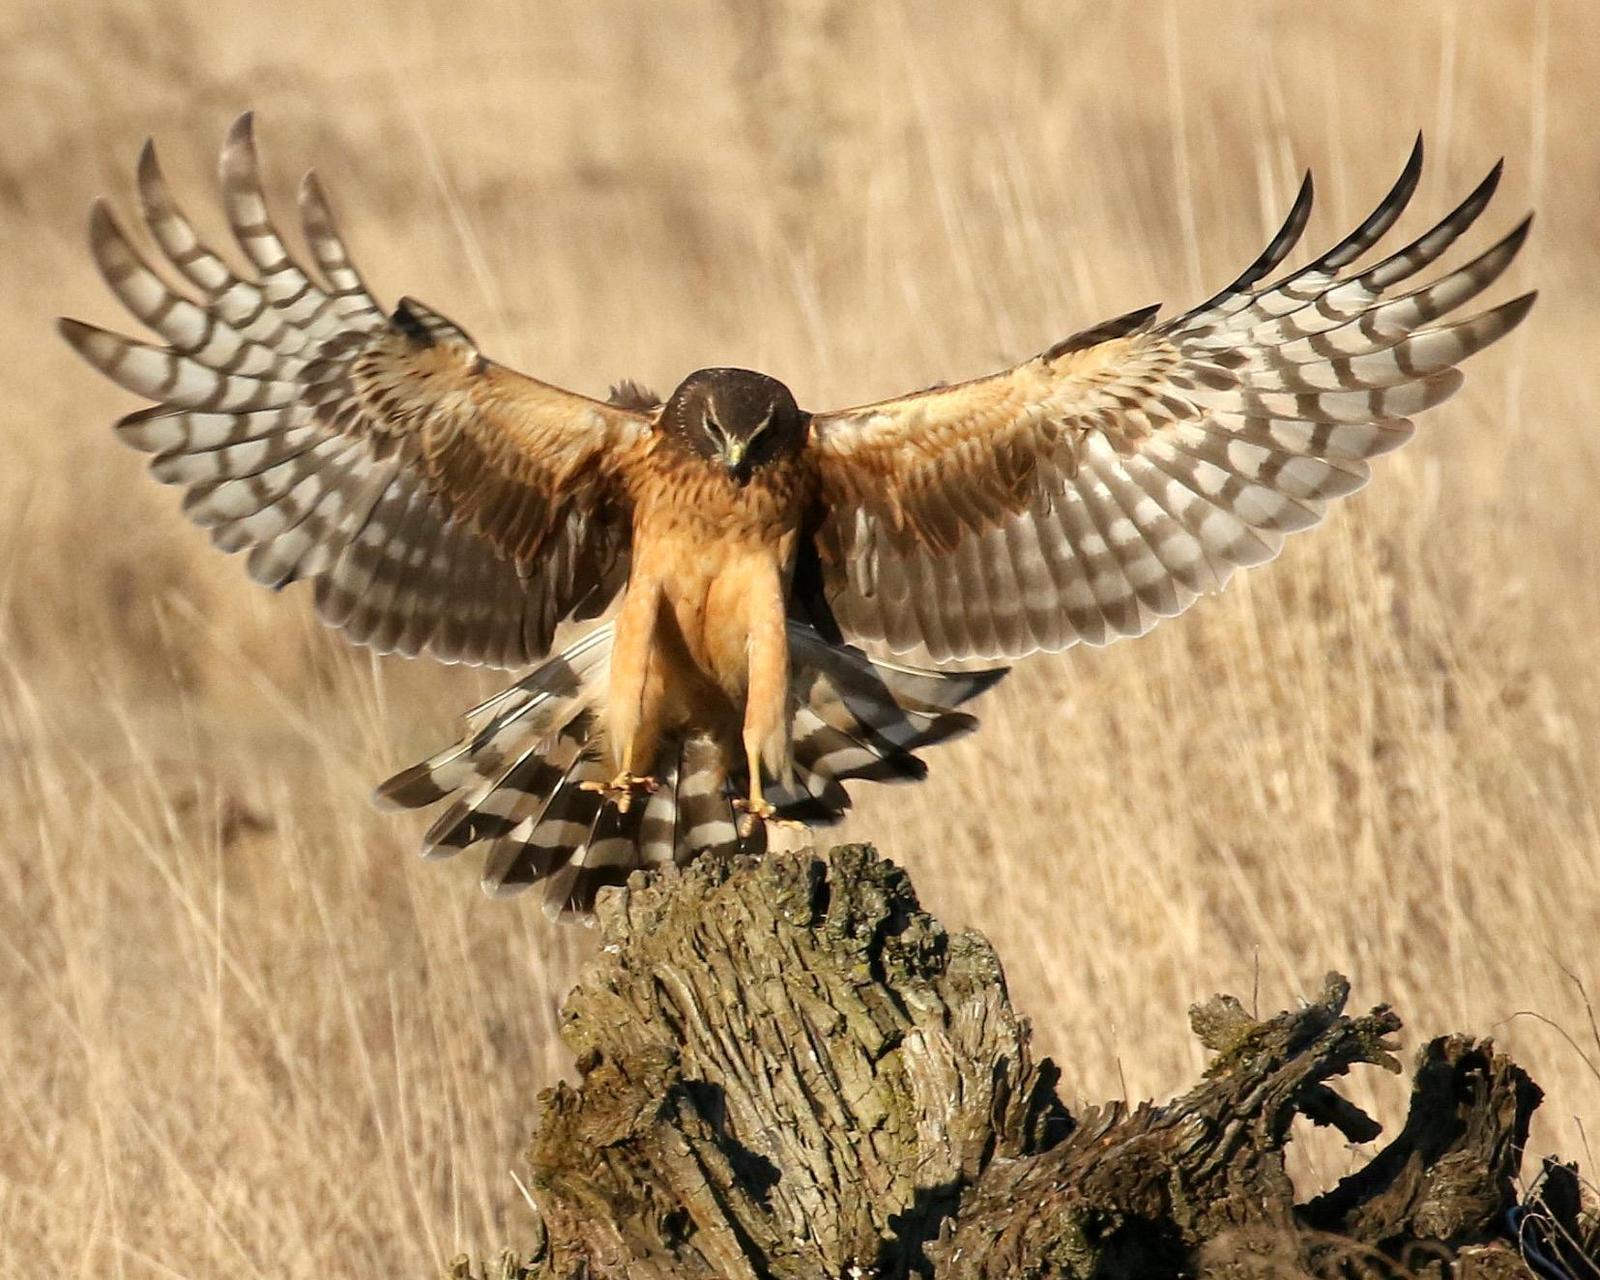 Northern Harrier Photo by Tim McKibben